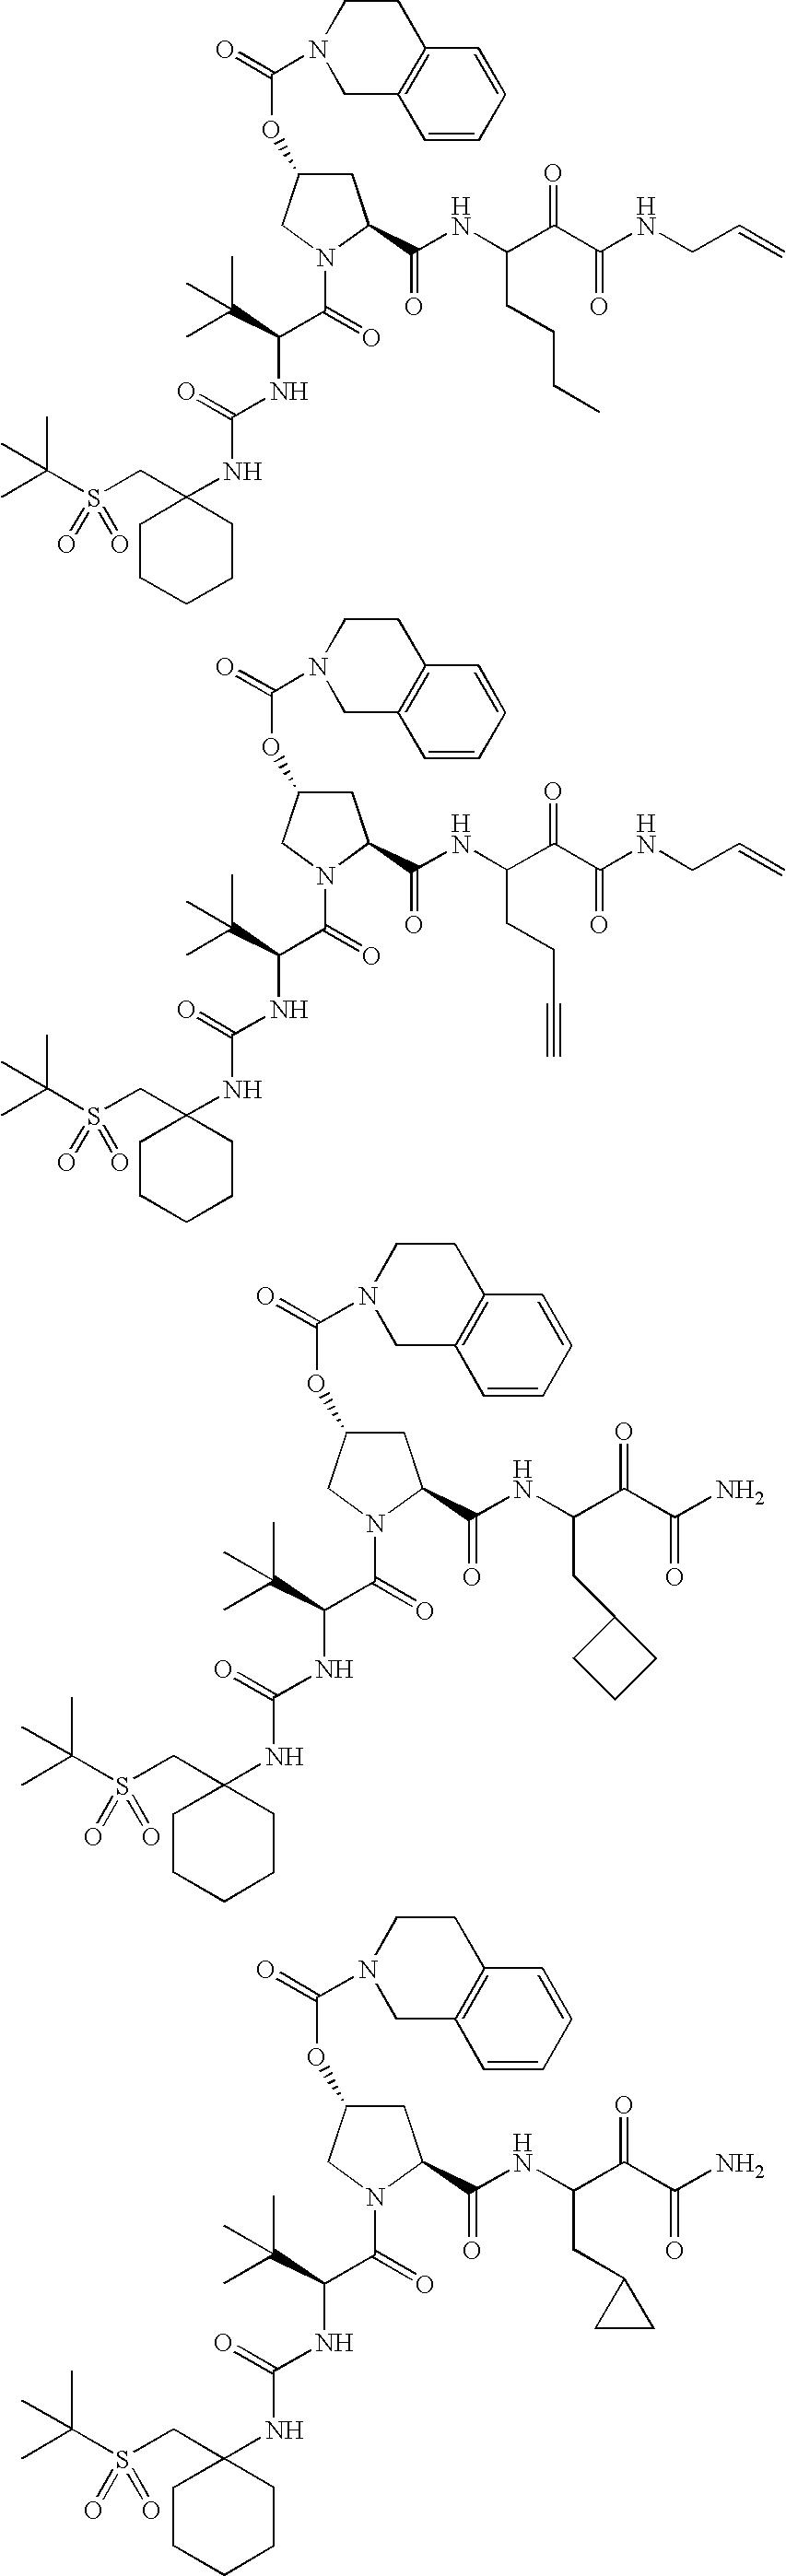 Figure US20060287248A1-20061221-C00560